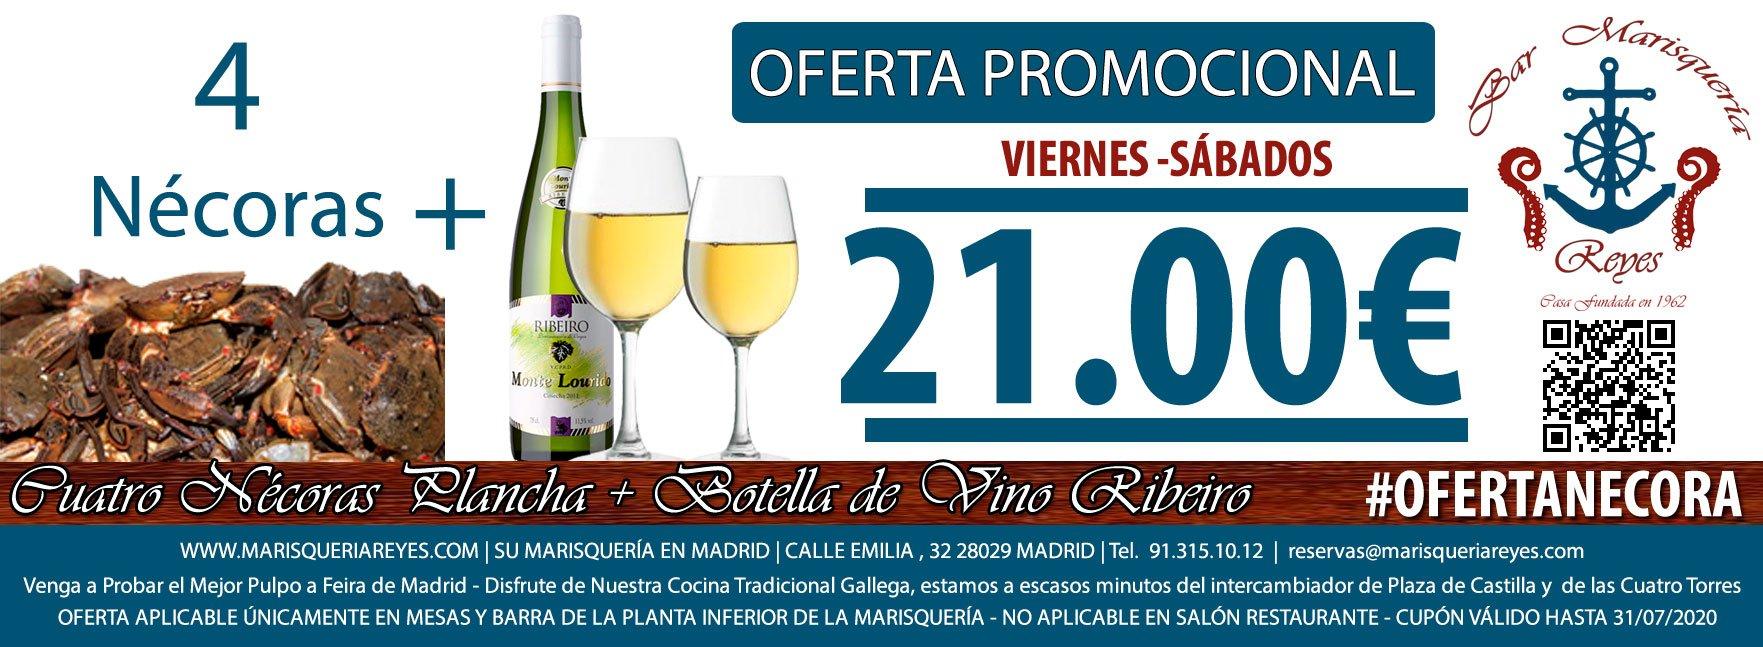 Promoción Oferta 4 Nécoras + Botella de Ribeiro 21 € Las Mejores Nécoras de Madrid en Marisquería Reyes, a Escasos Metros de Plaza de Castilla